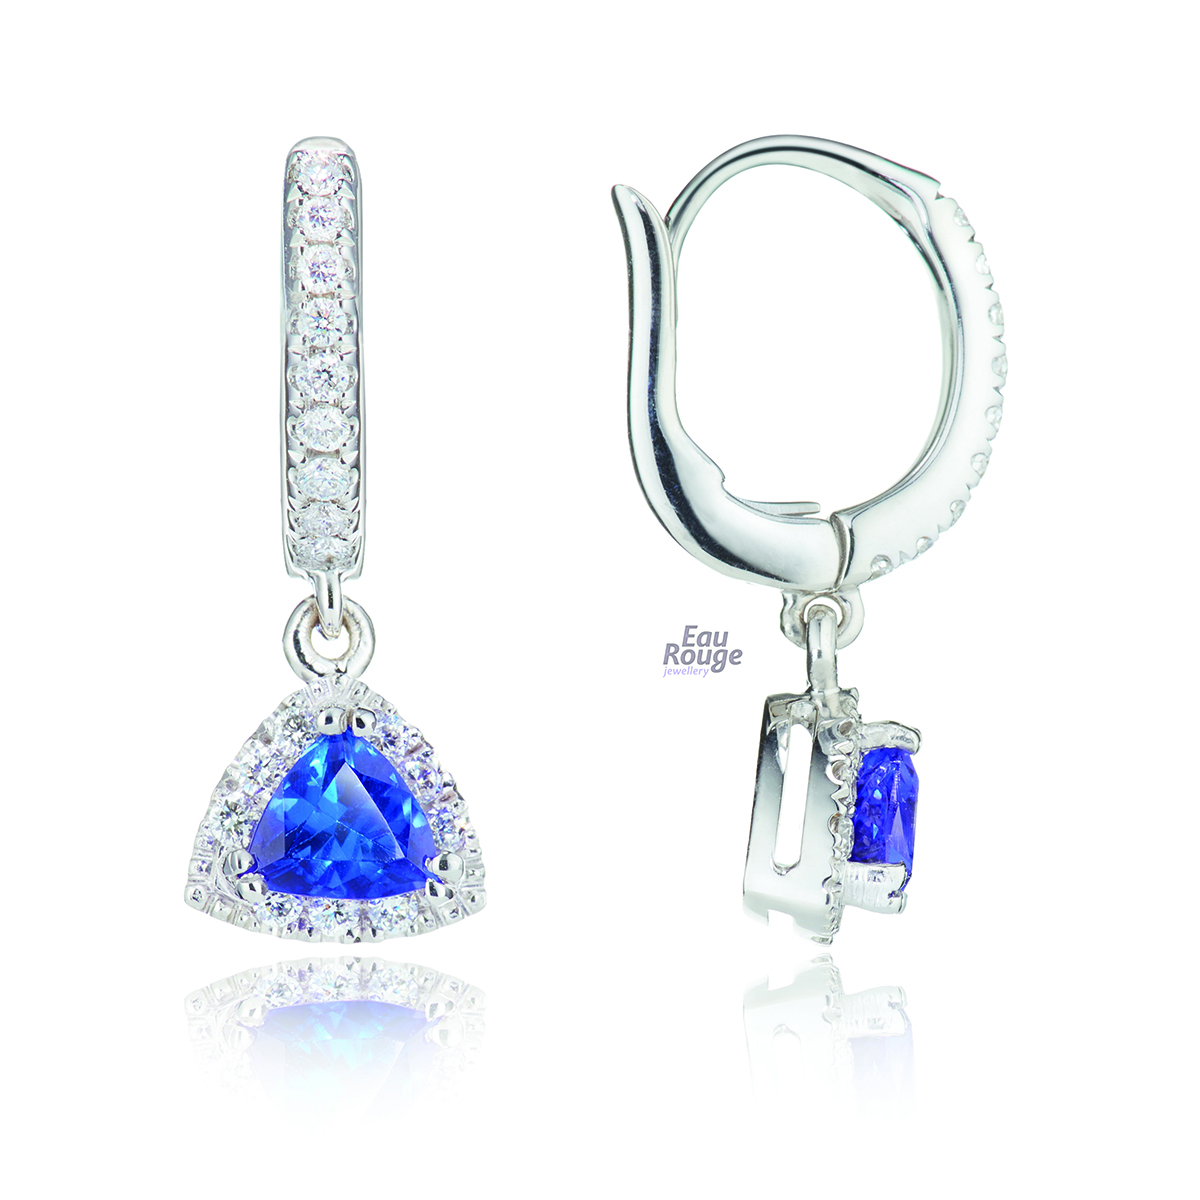 0.62Tanz-trill-earrings-cropped-web.jpg